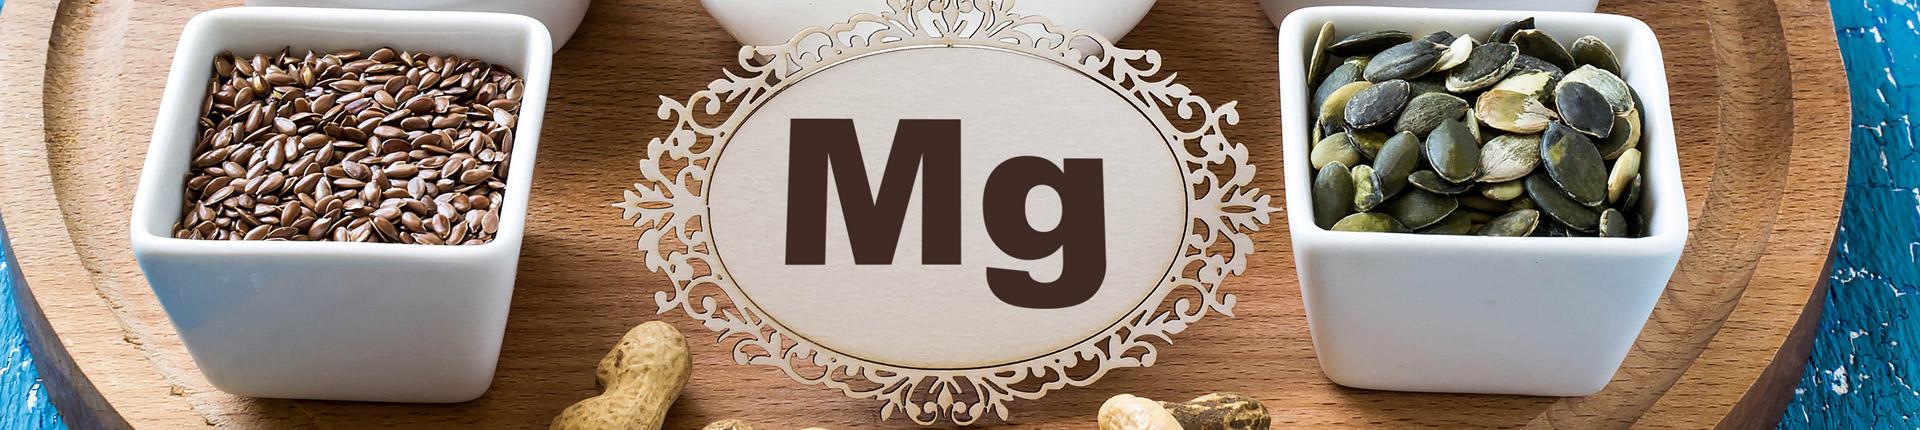 Magnez - źródła w diecie. Produkty bogate w magnez